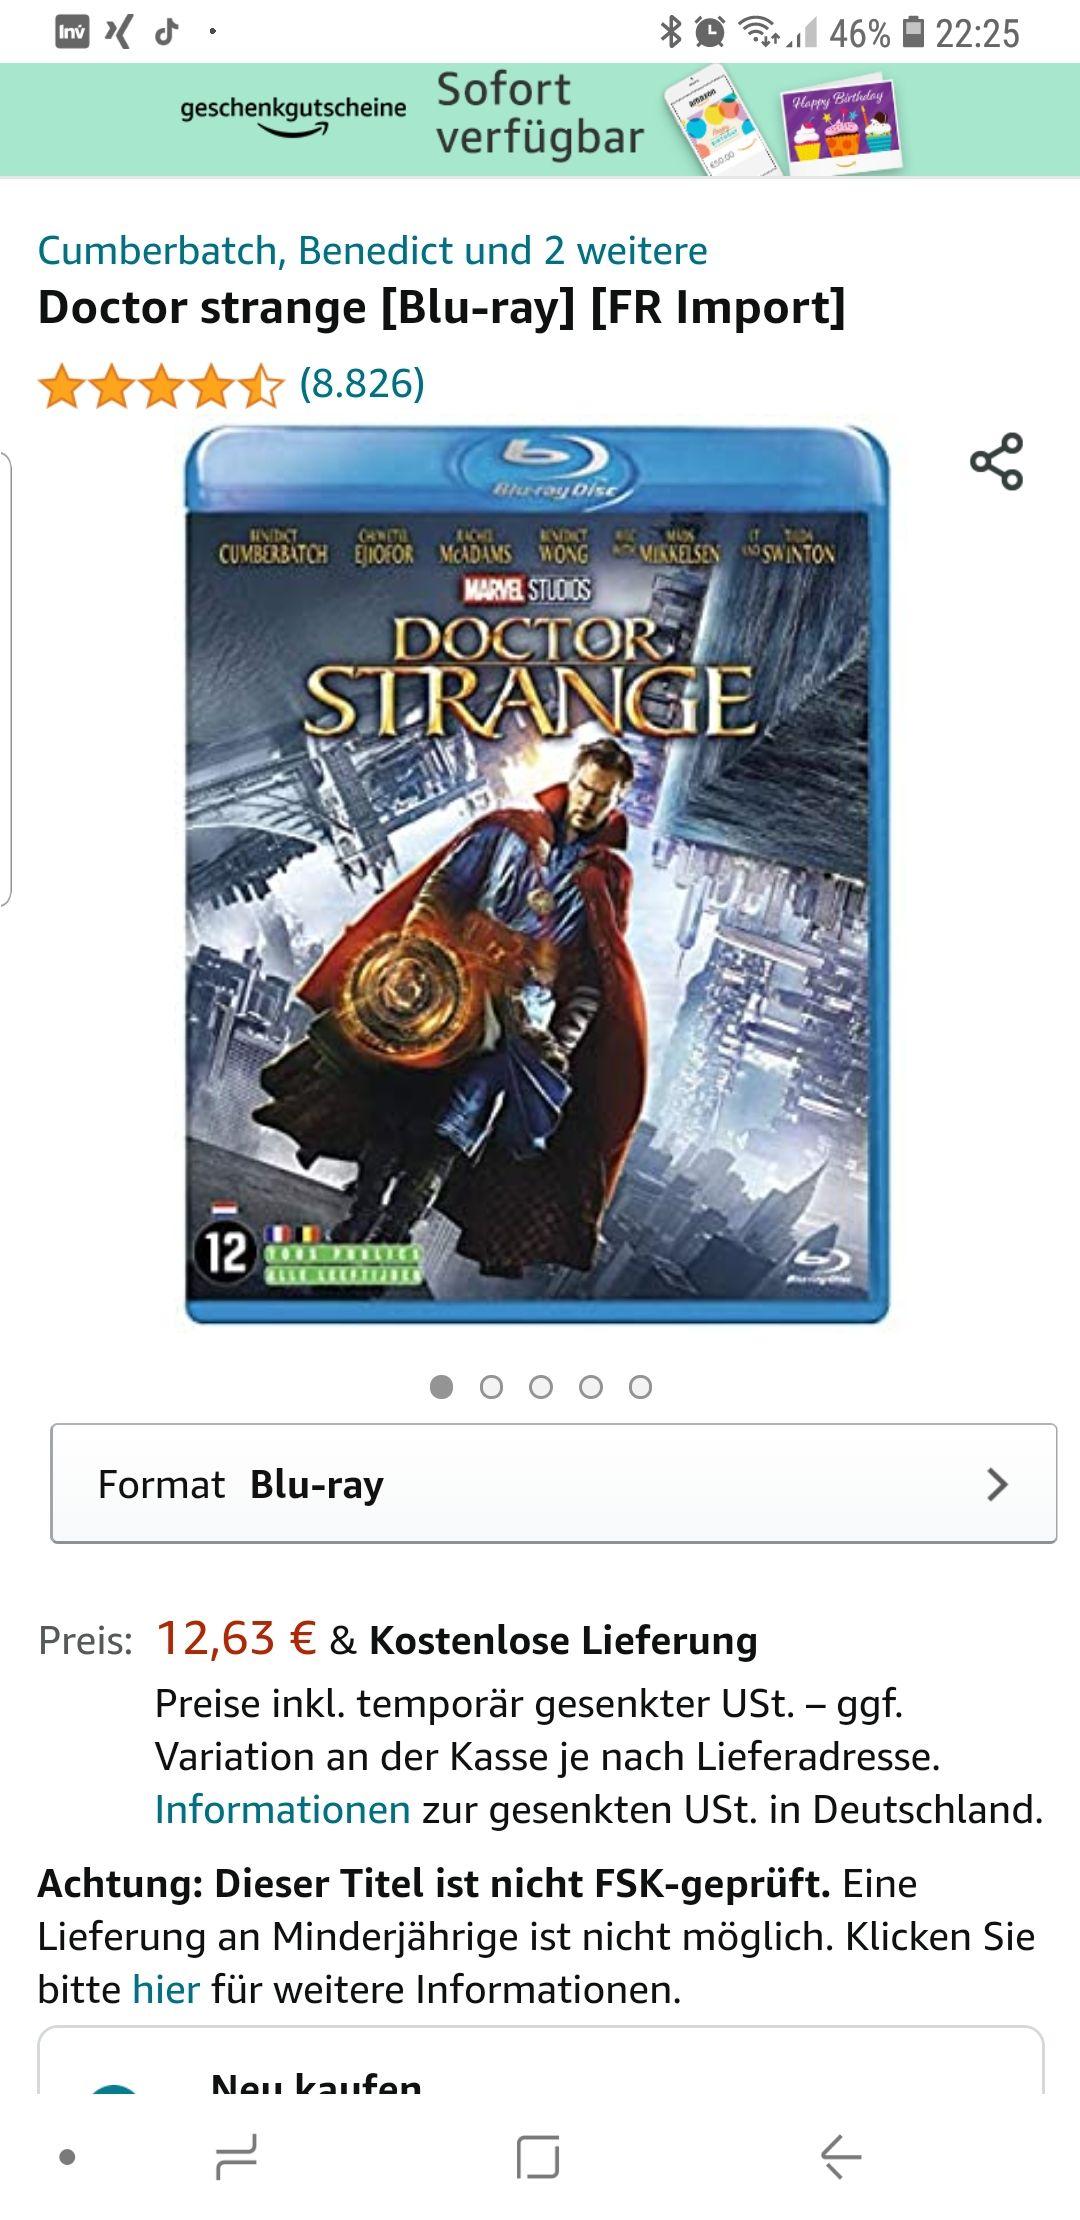 Bluray Hülle für 0,62 Euro inkl. Dr. Strange auf französisch